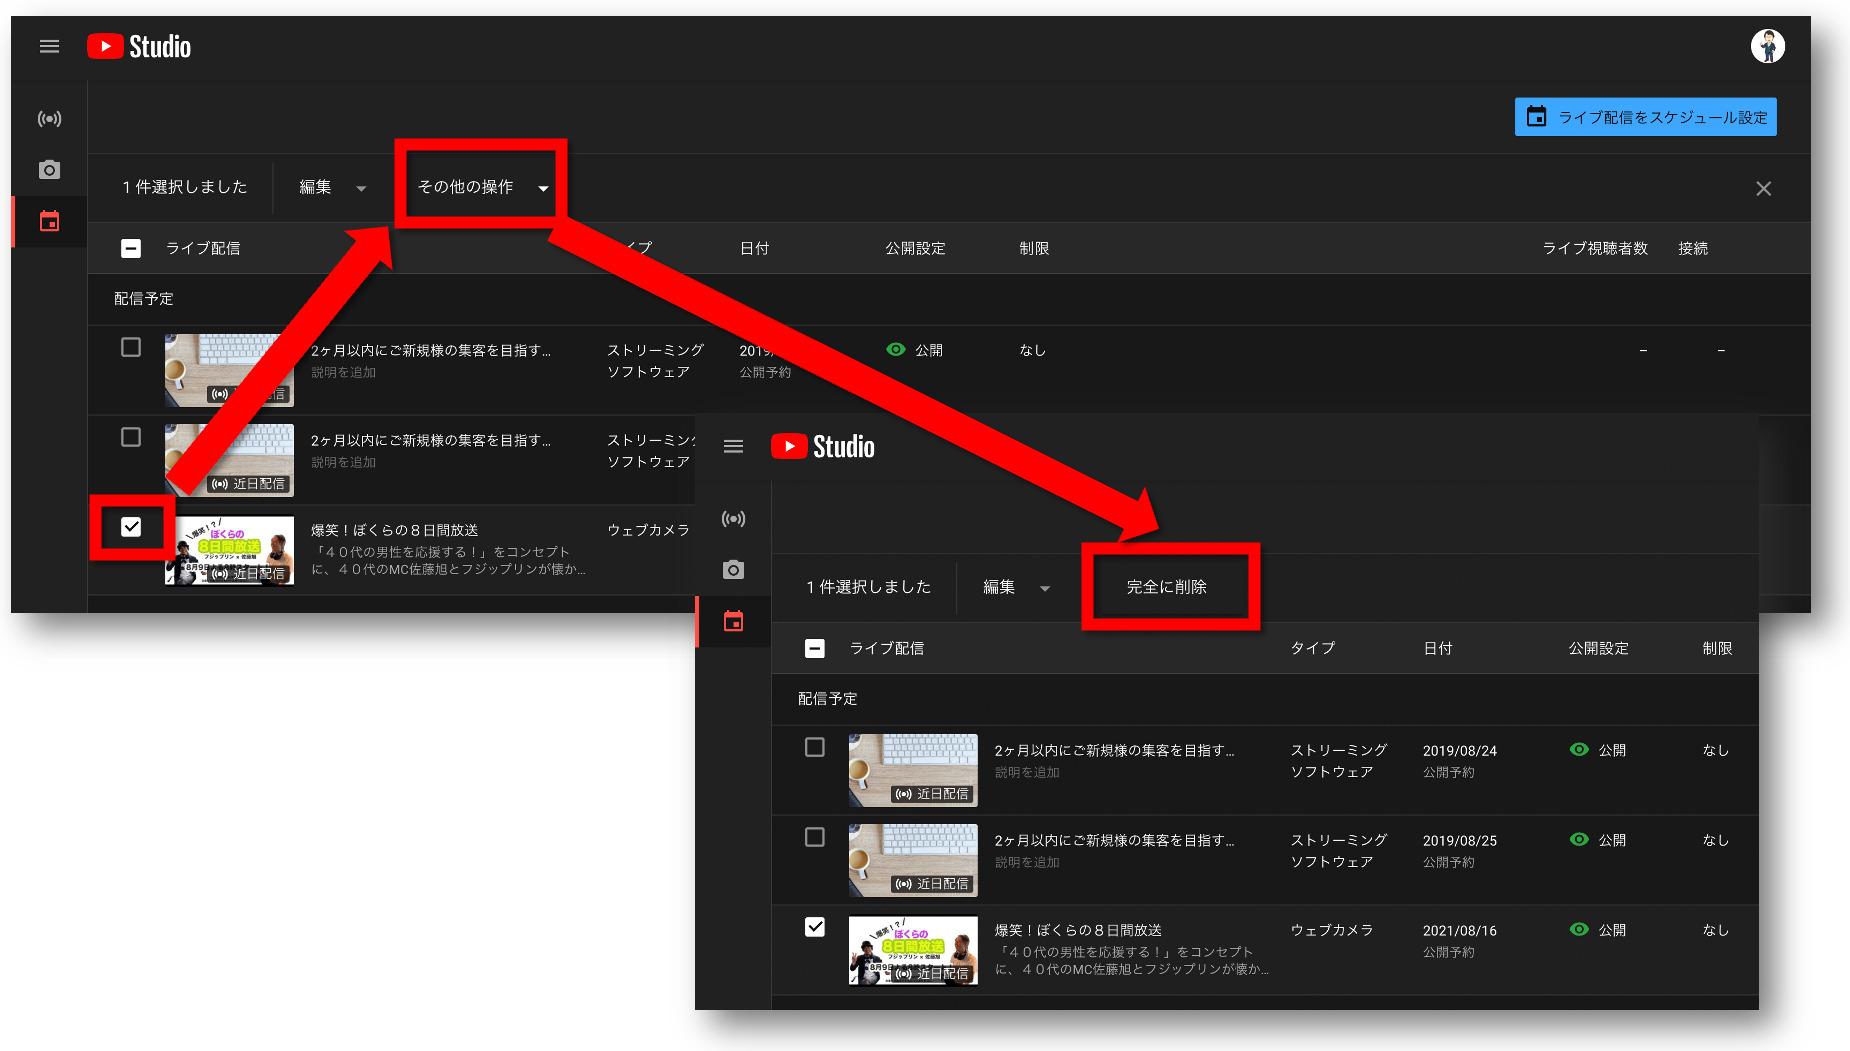 作成したYouTubeLIVEの削除の方法